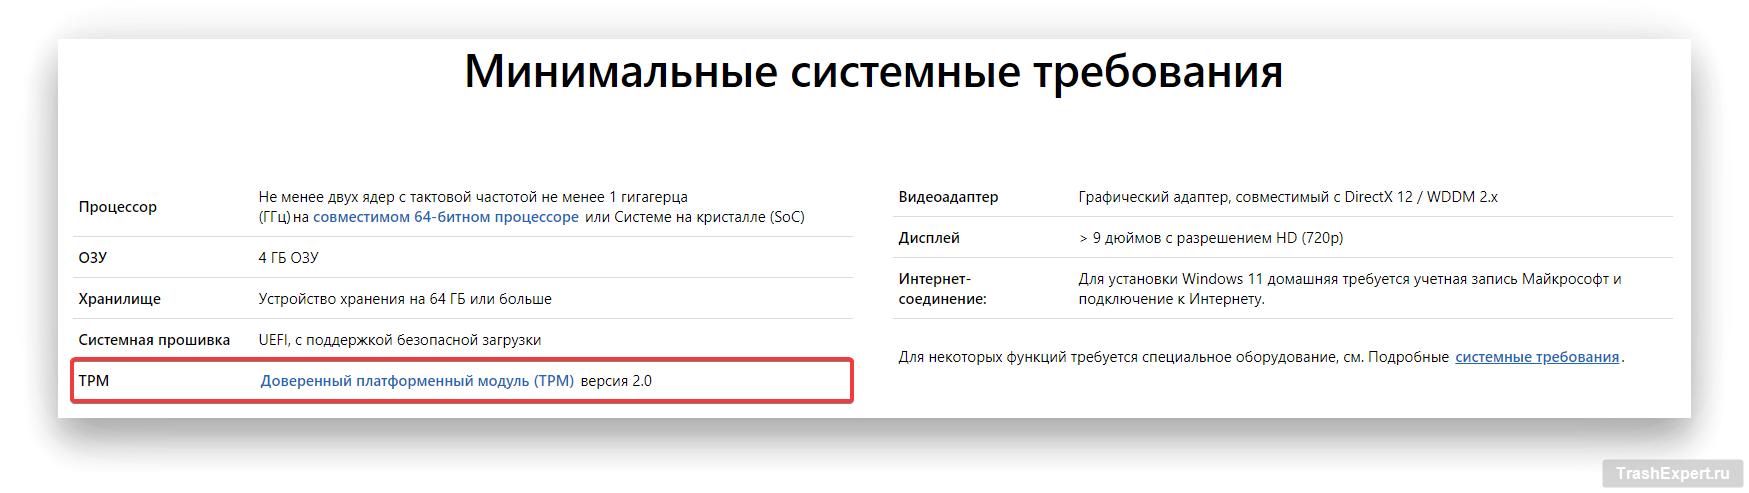 Системные требования Windows 11